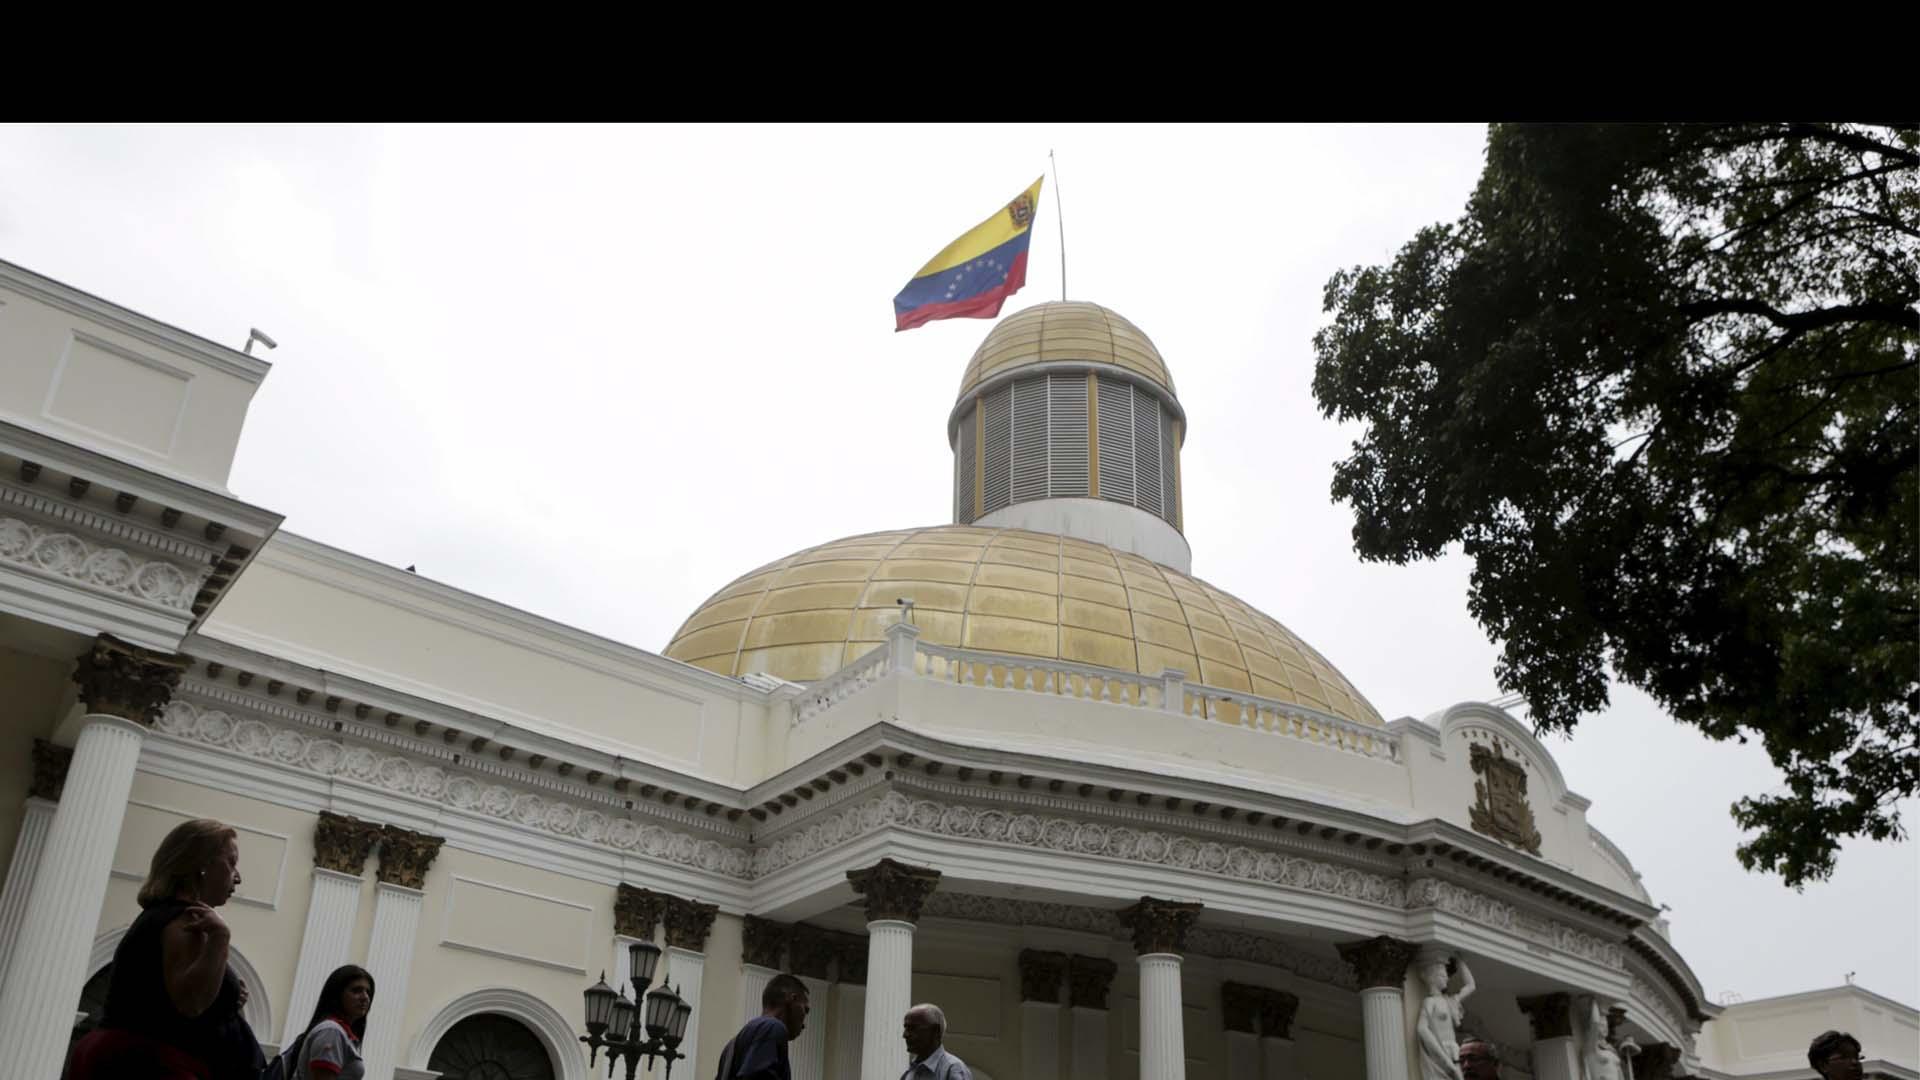 El abogado aseguró que más sentencias sin alegatos servirán para que la comunidad internacional juzgue la democracia venezolana